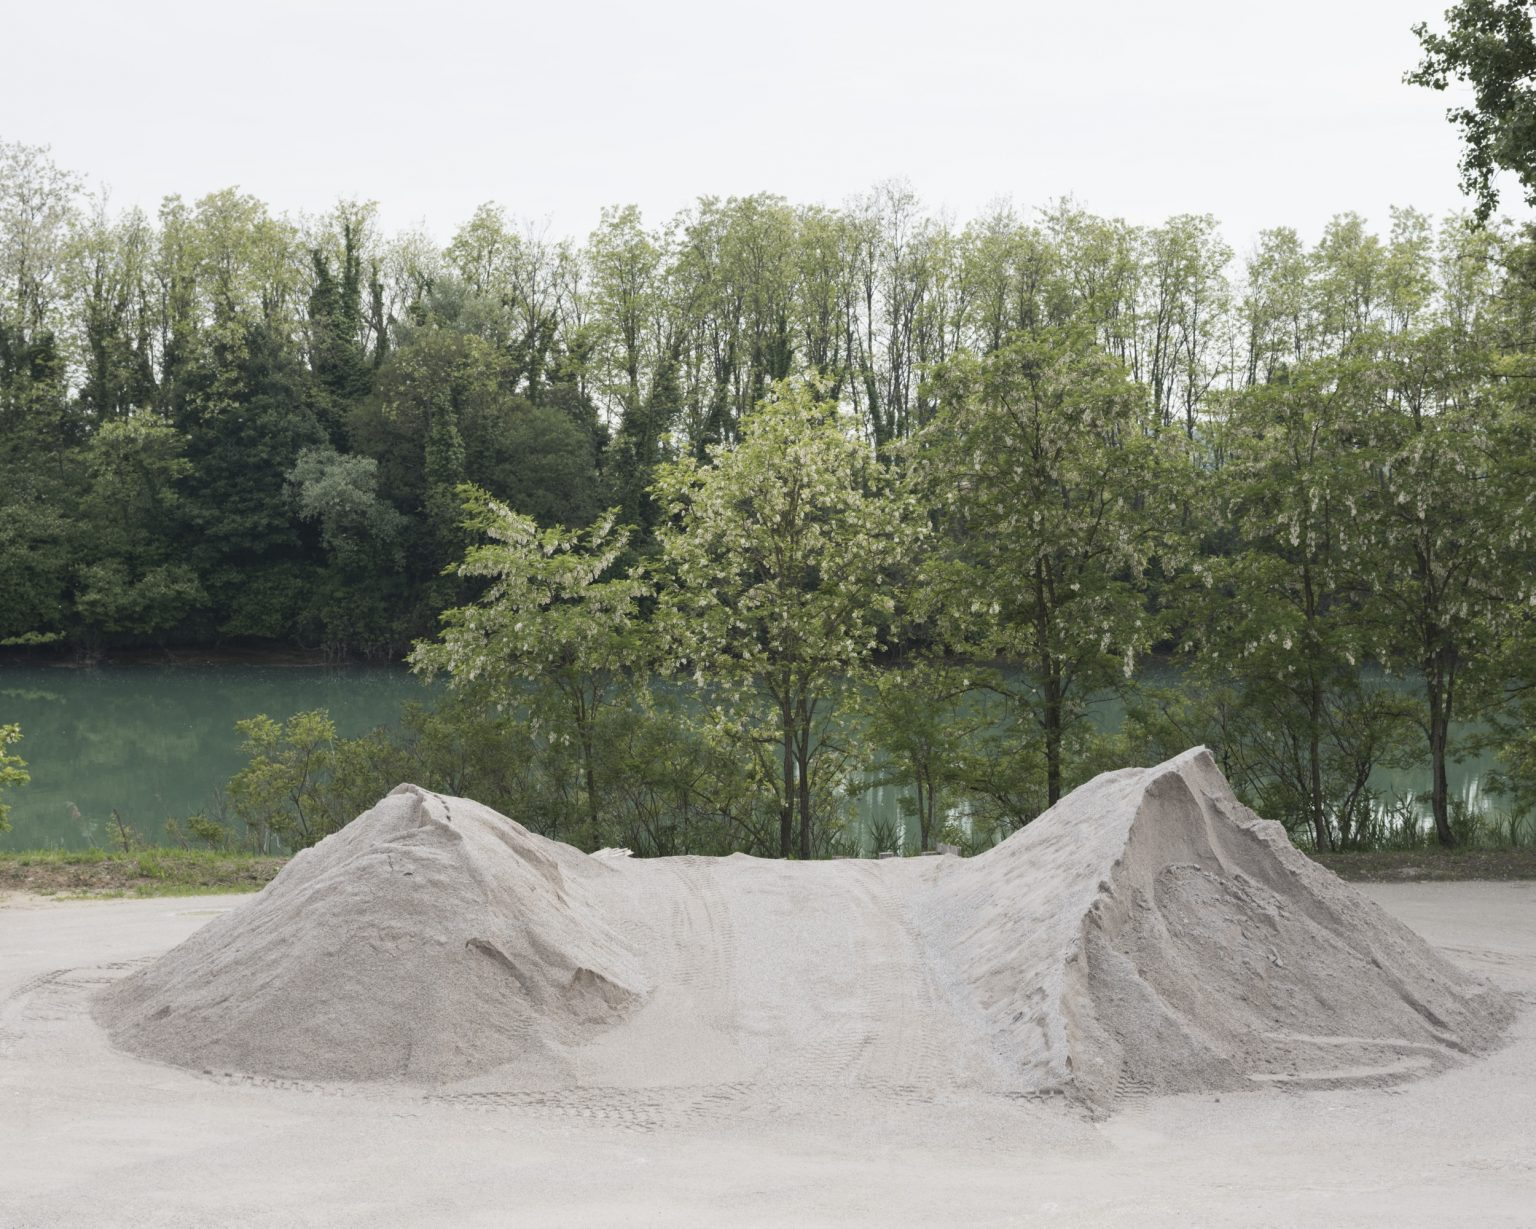 La leggenda del Piave. Mucchio di sabbia su una sponda presso Eraclea.